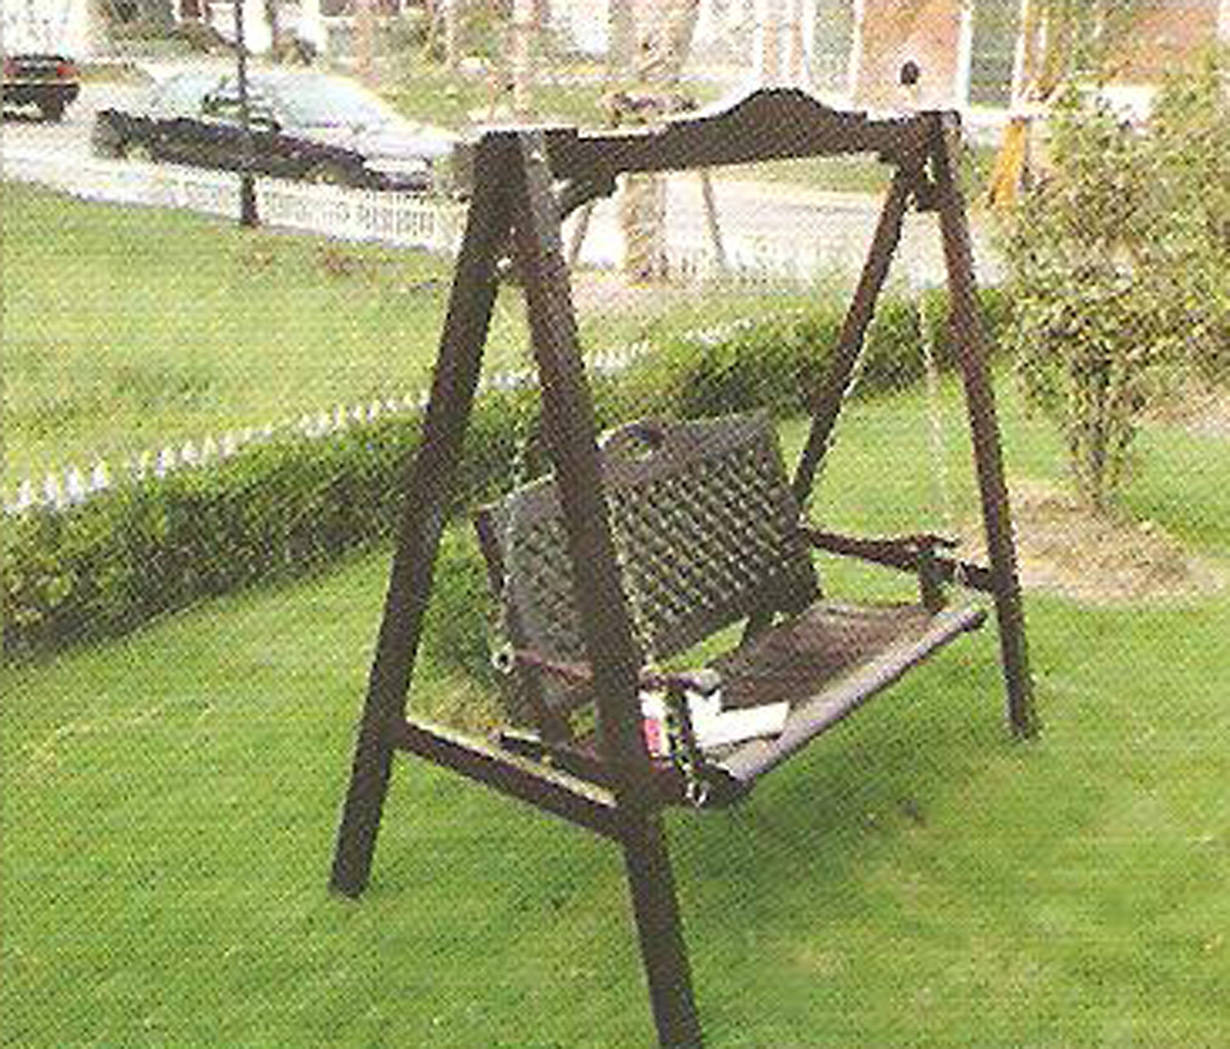 秋千椅子简笔画